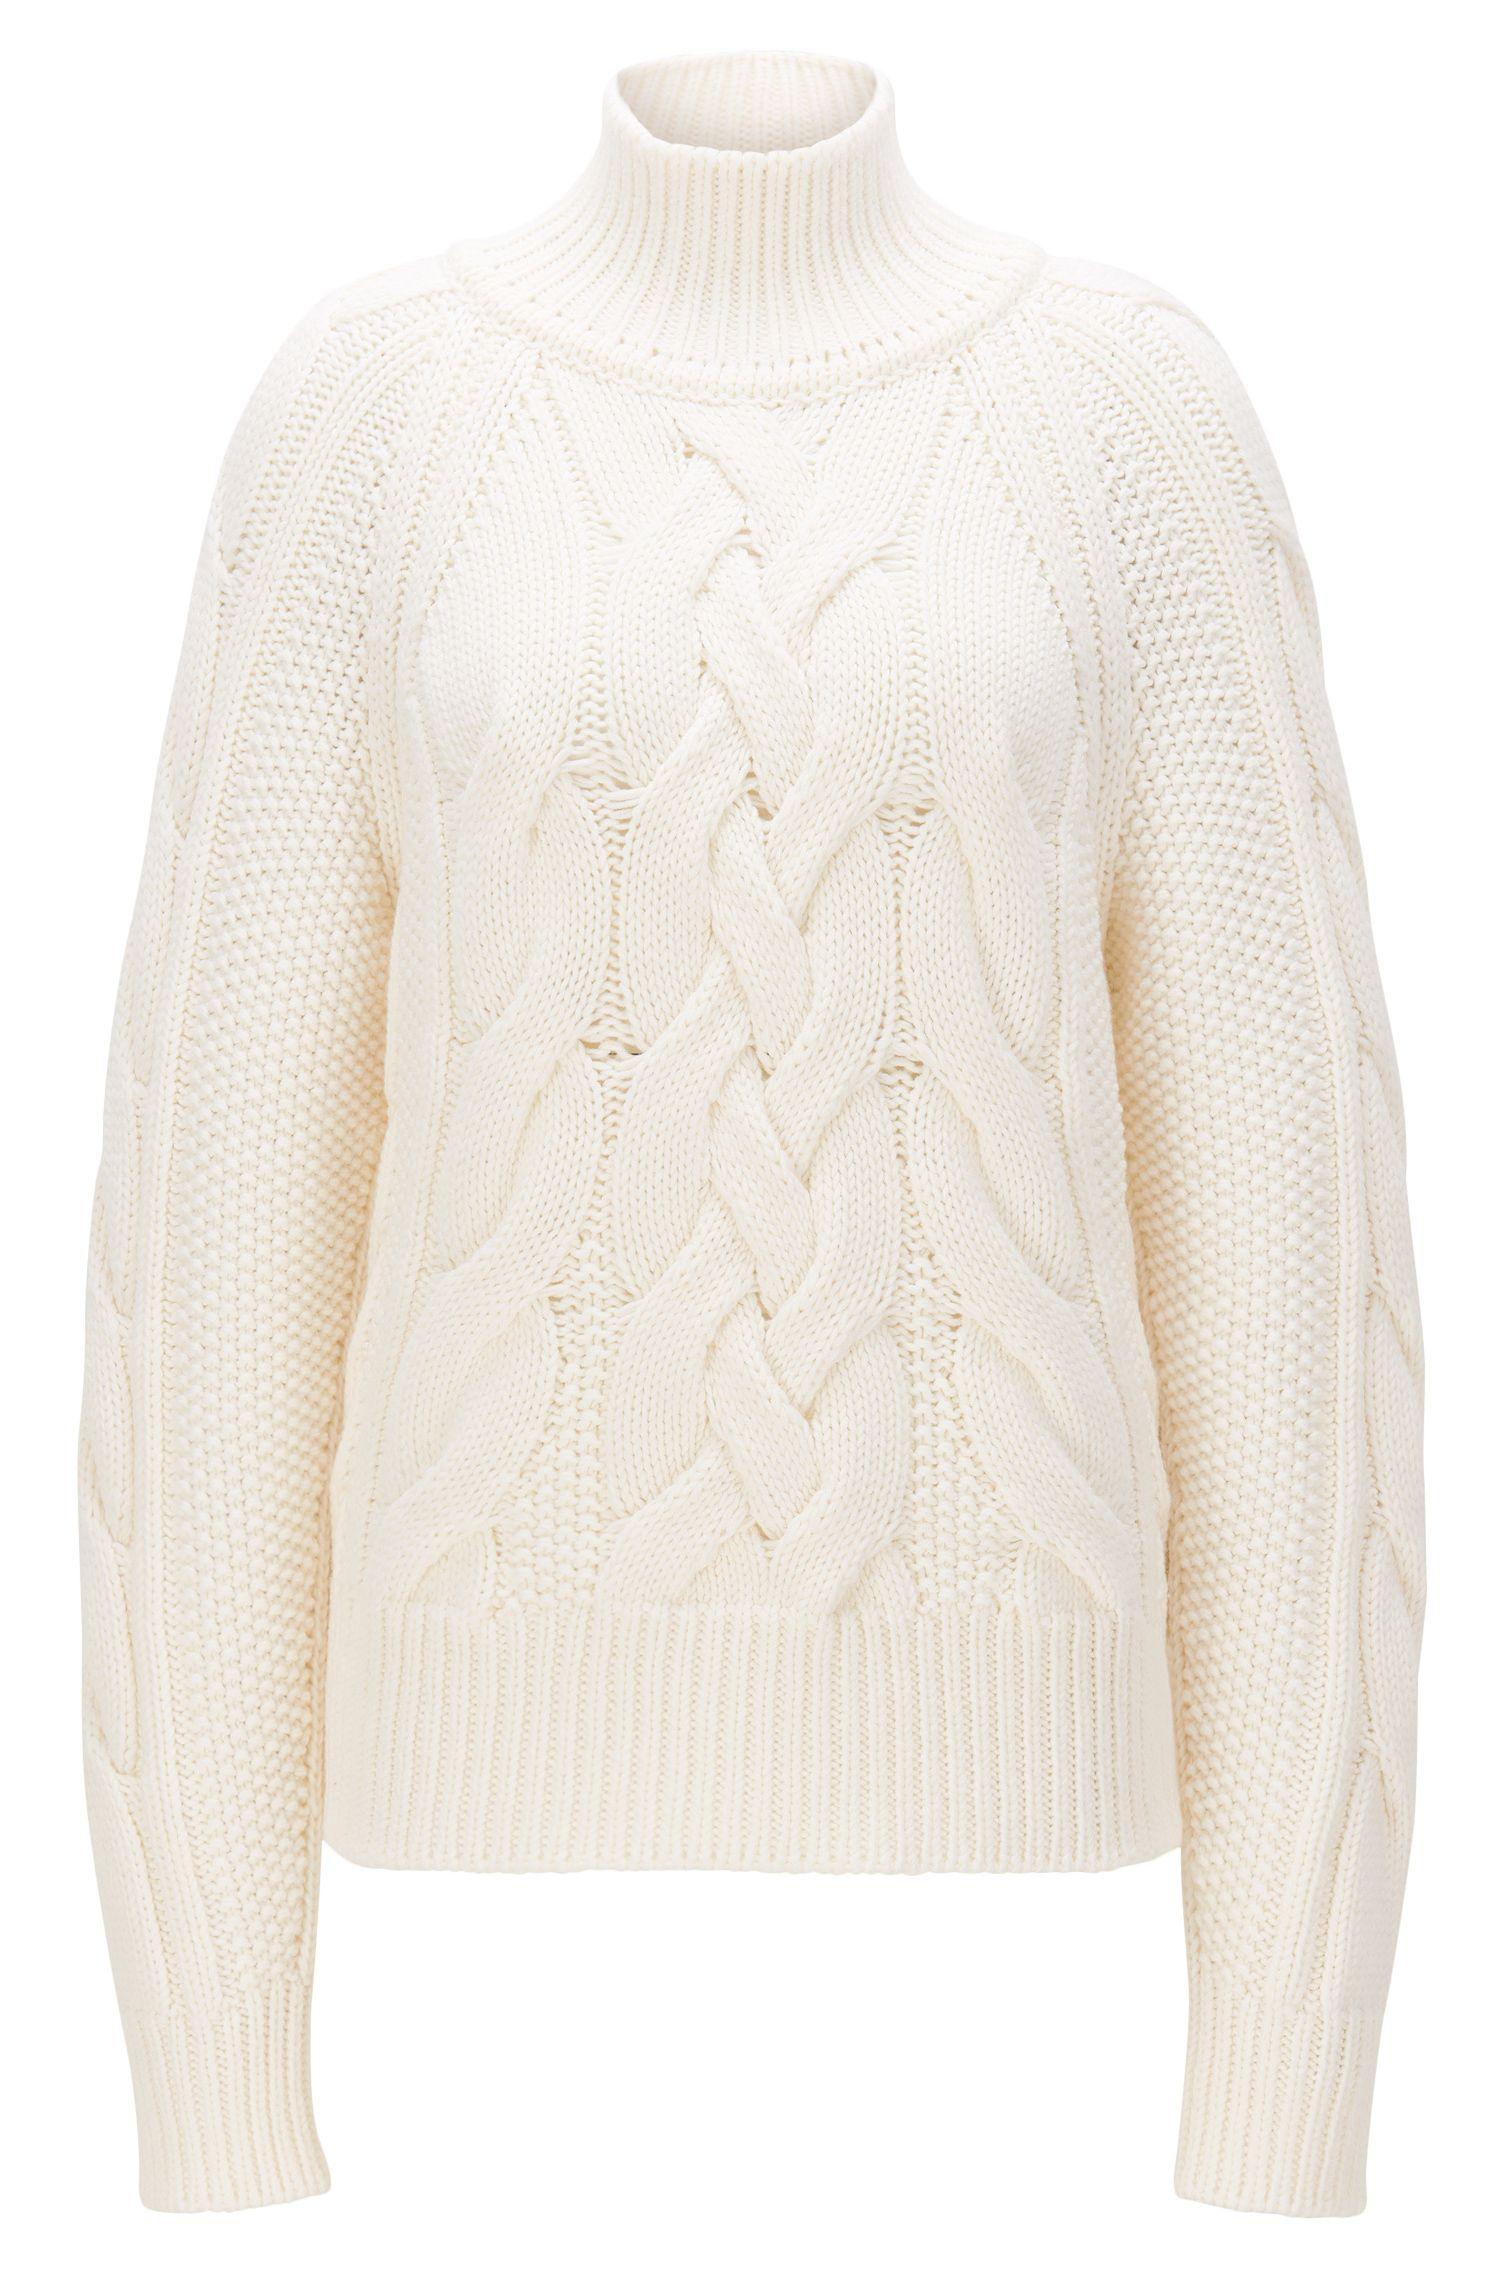 Maglione a trecce in misto lana vergine